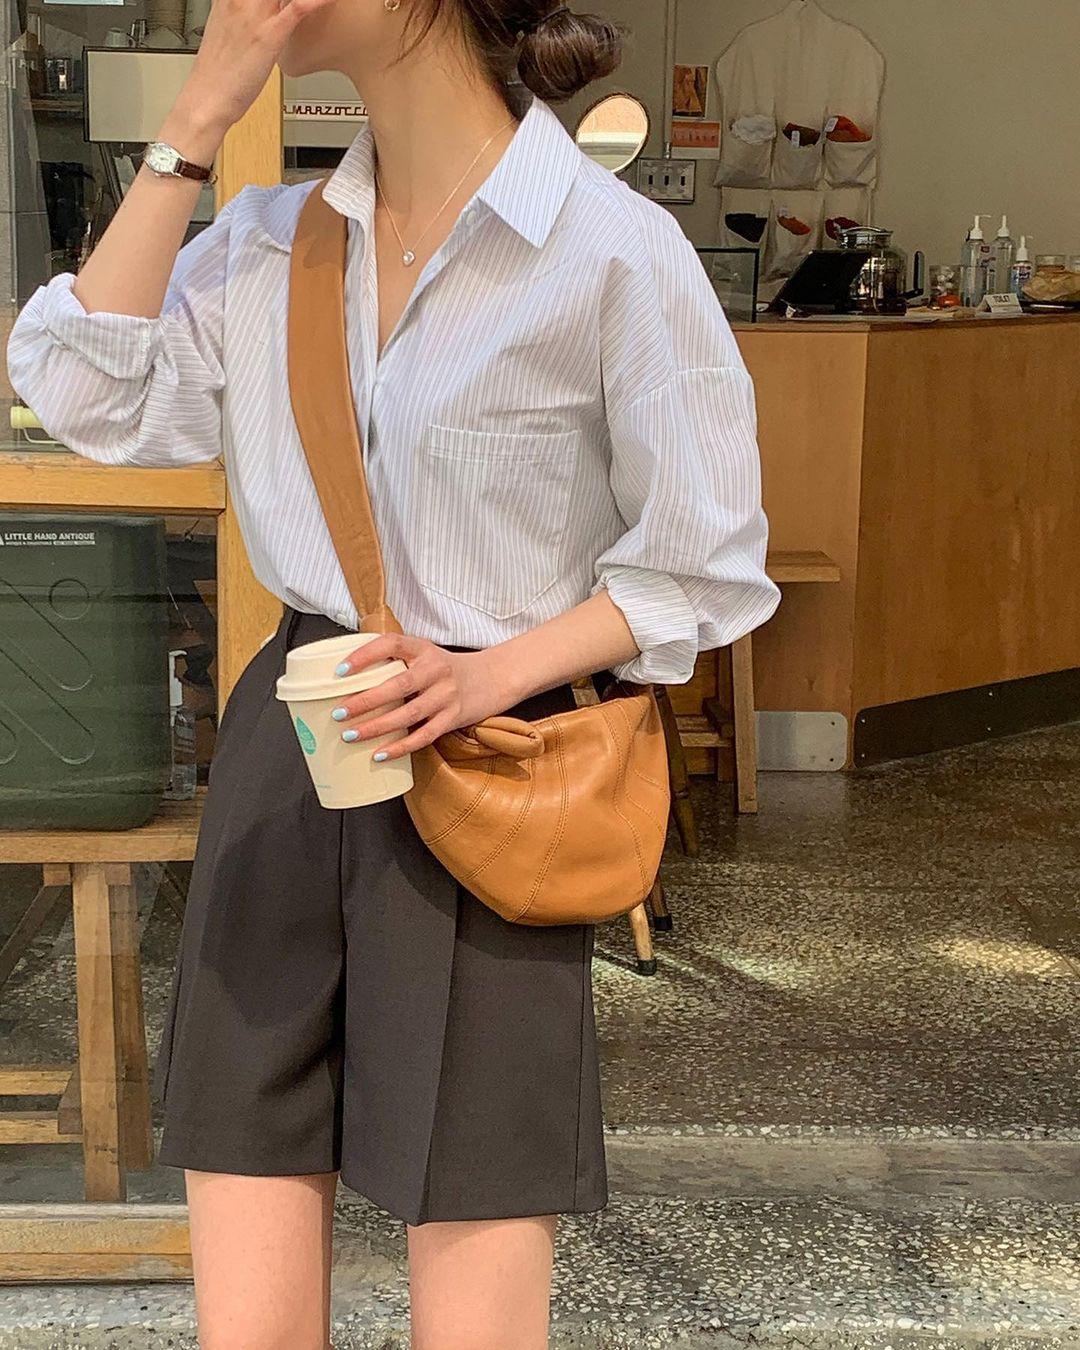 Mùa hè nóng nực, chị em nào muốn mặc quần short mà xinh như gái Hàn thì bơi vào đây! - Ảnh 1.